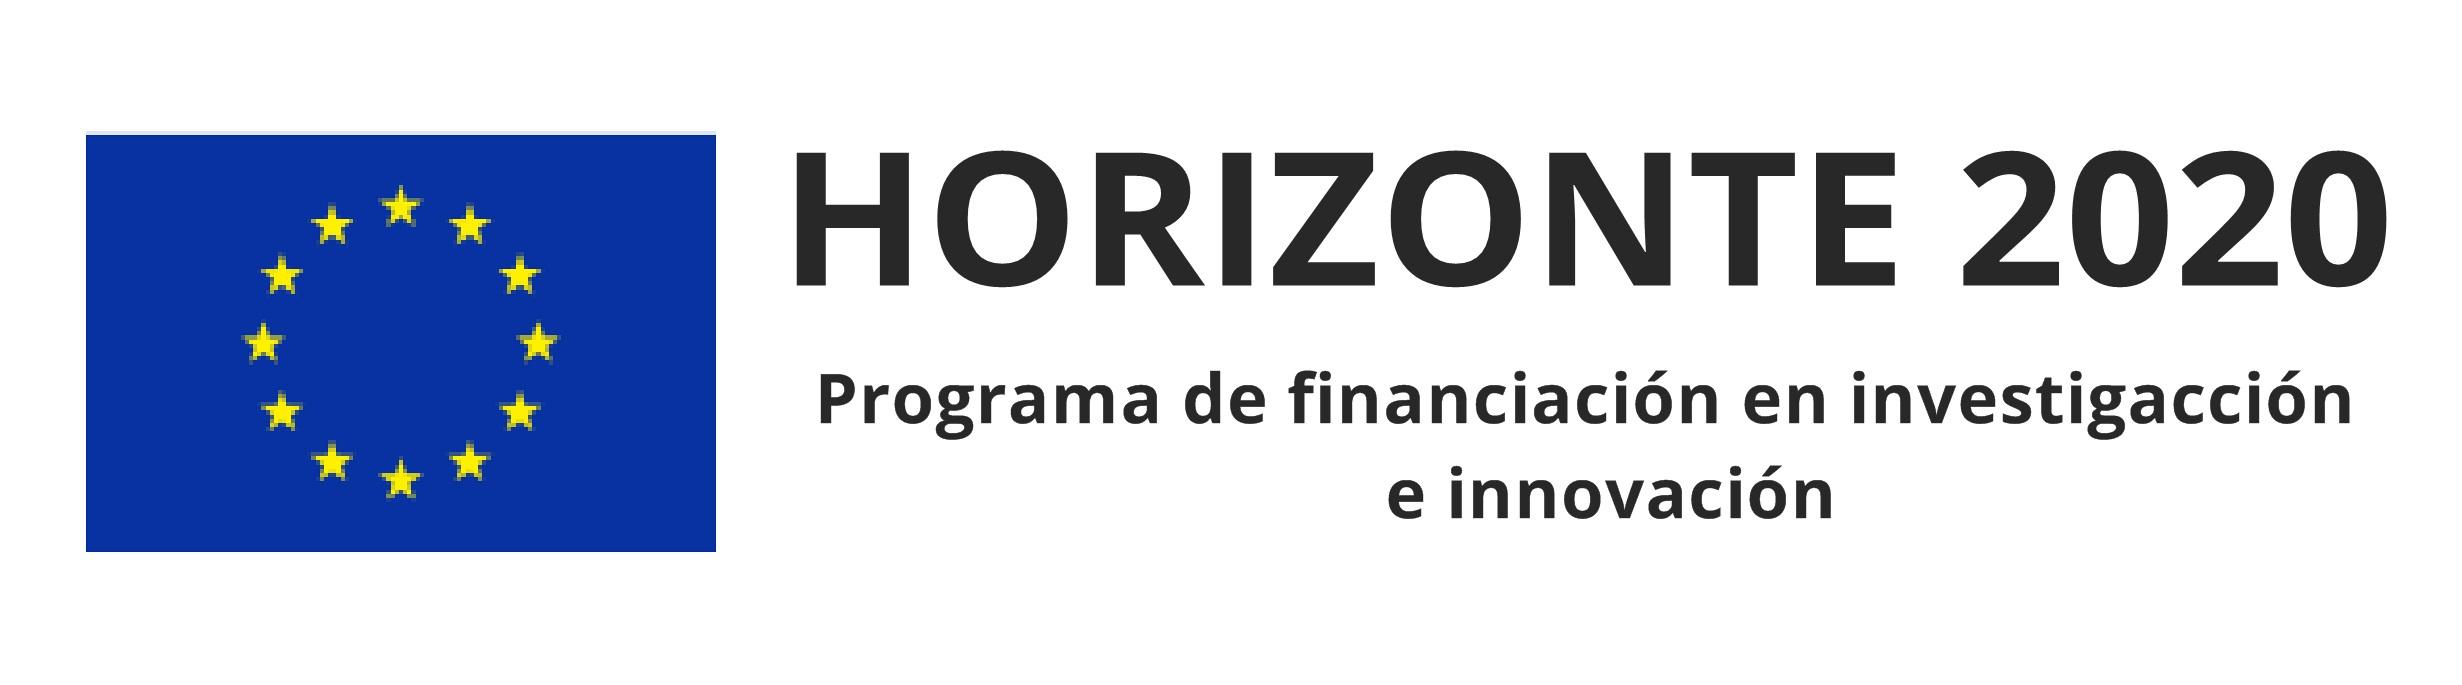 Horizonte 2020 programa de financiación europeo en investigación e innovación